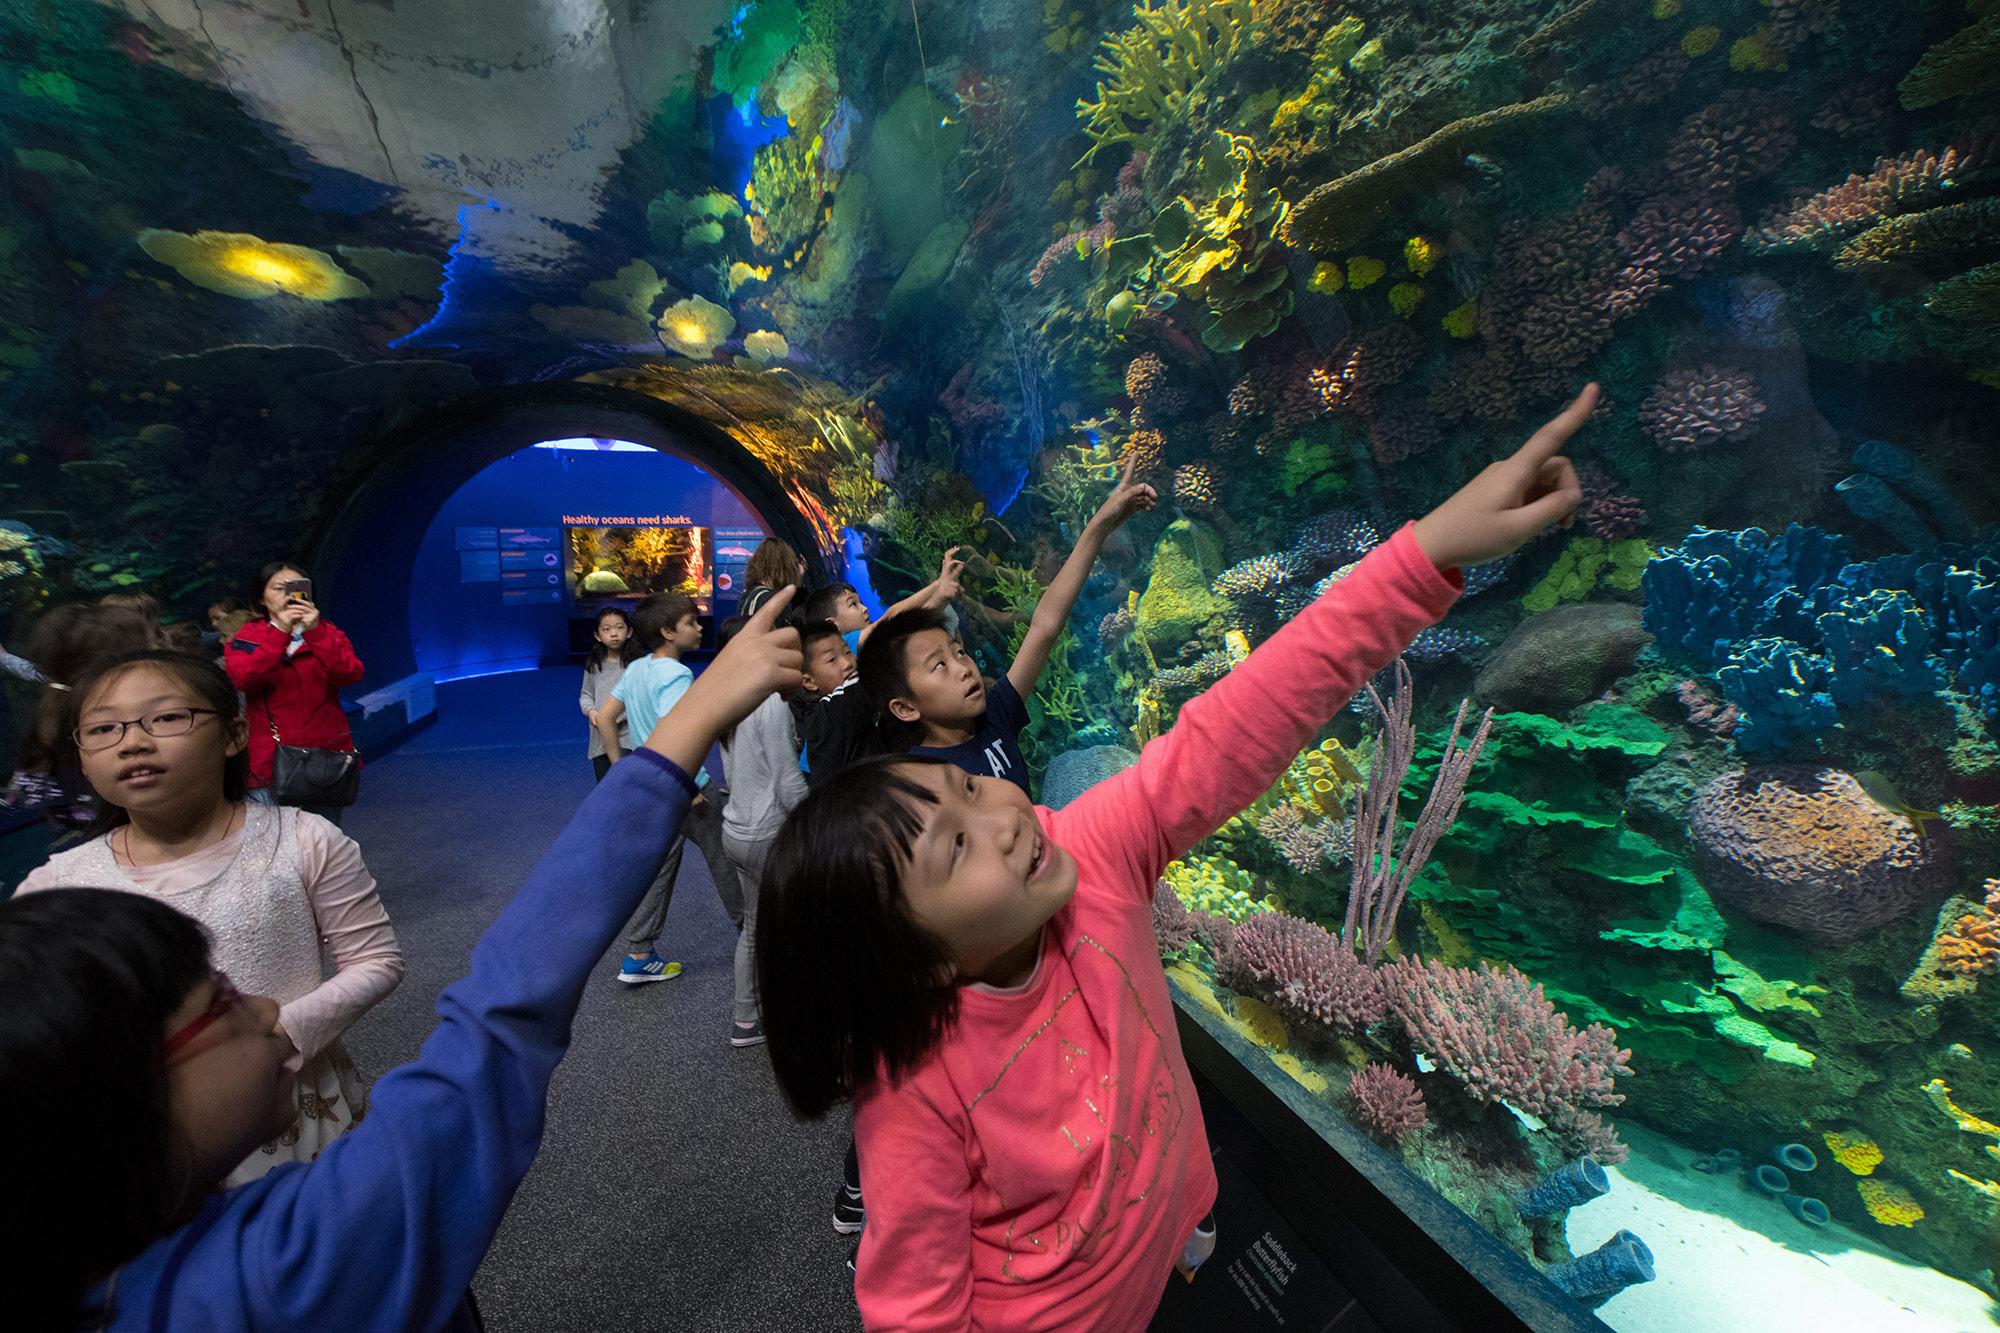 Girl points at aquarium fish